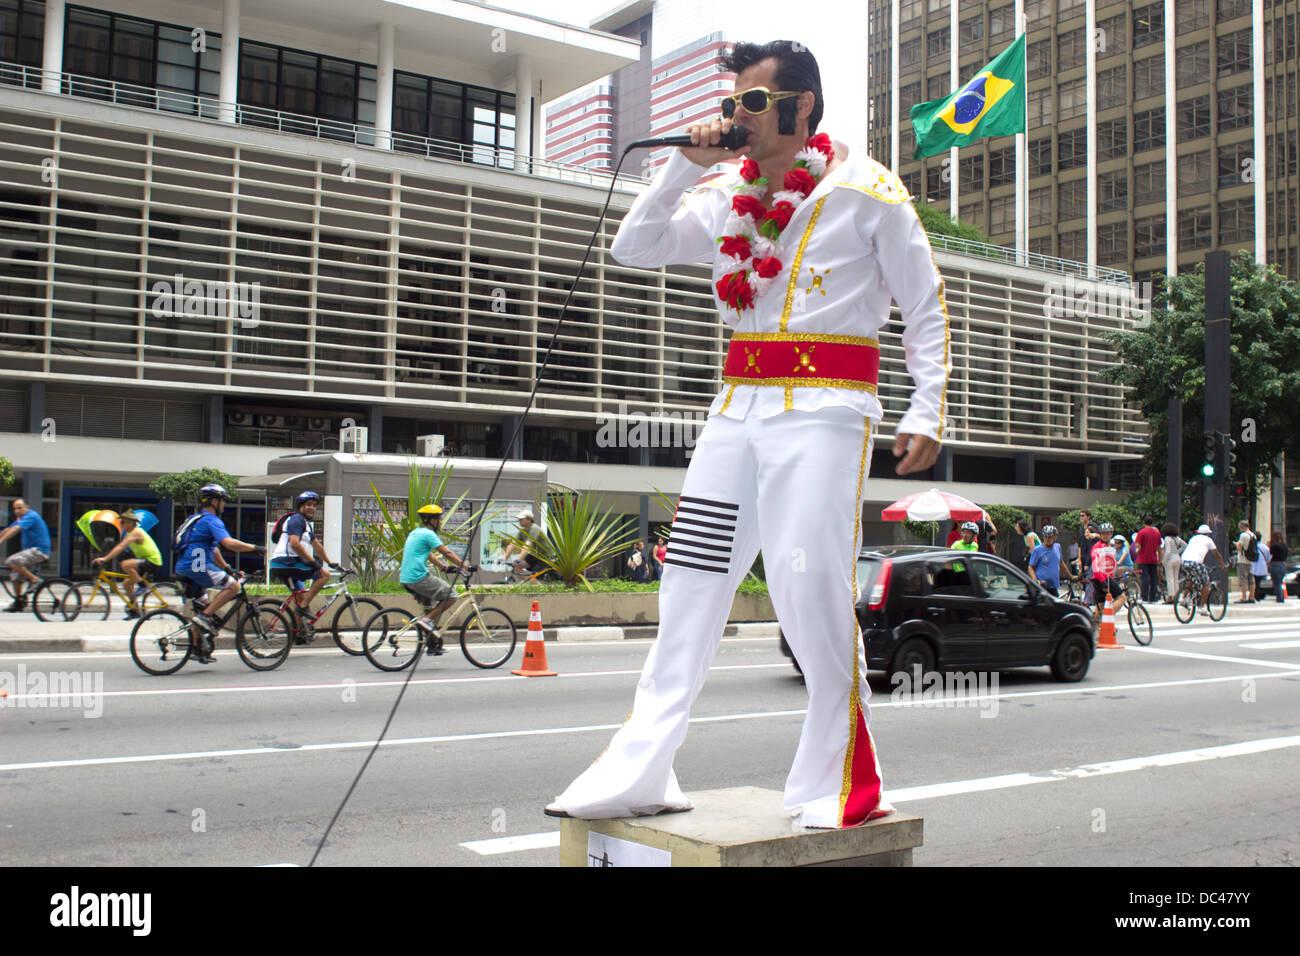 Un sosia di Elvis eseguendo sulla Avenida Paulista in Sao Paulo, Brasile, febbraio 2013. Immagini Stock